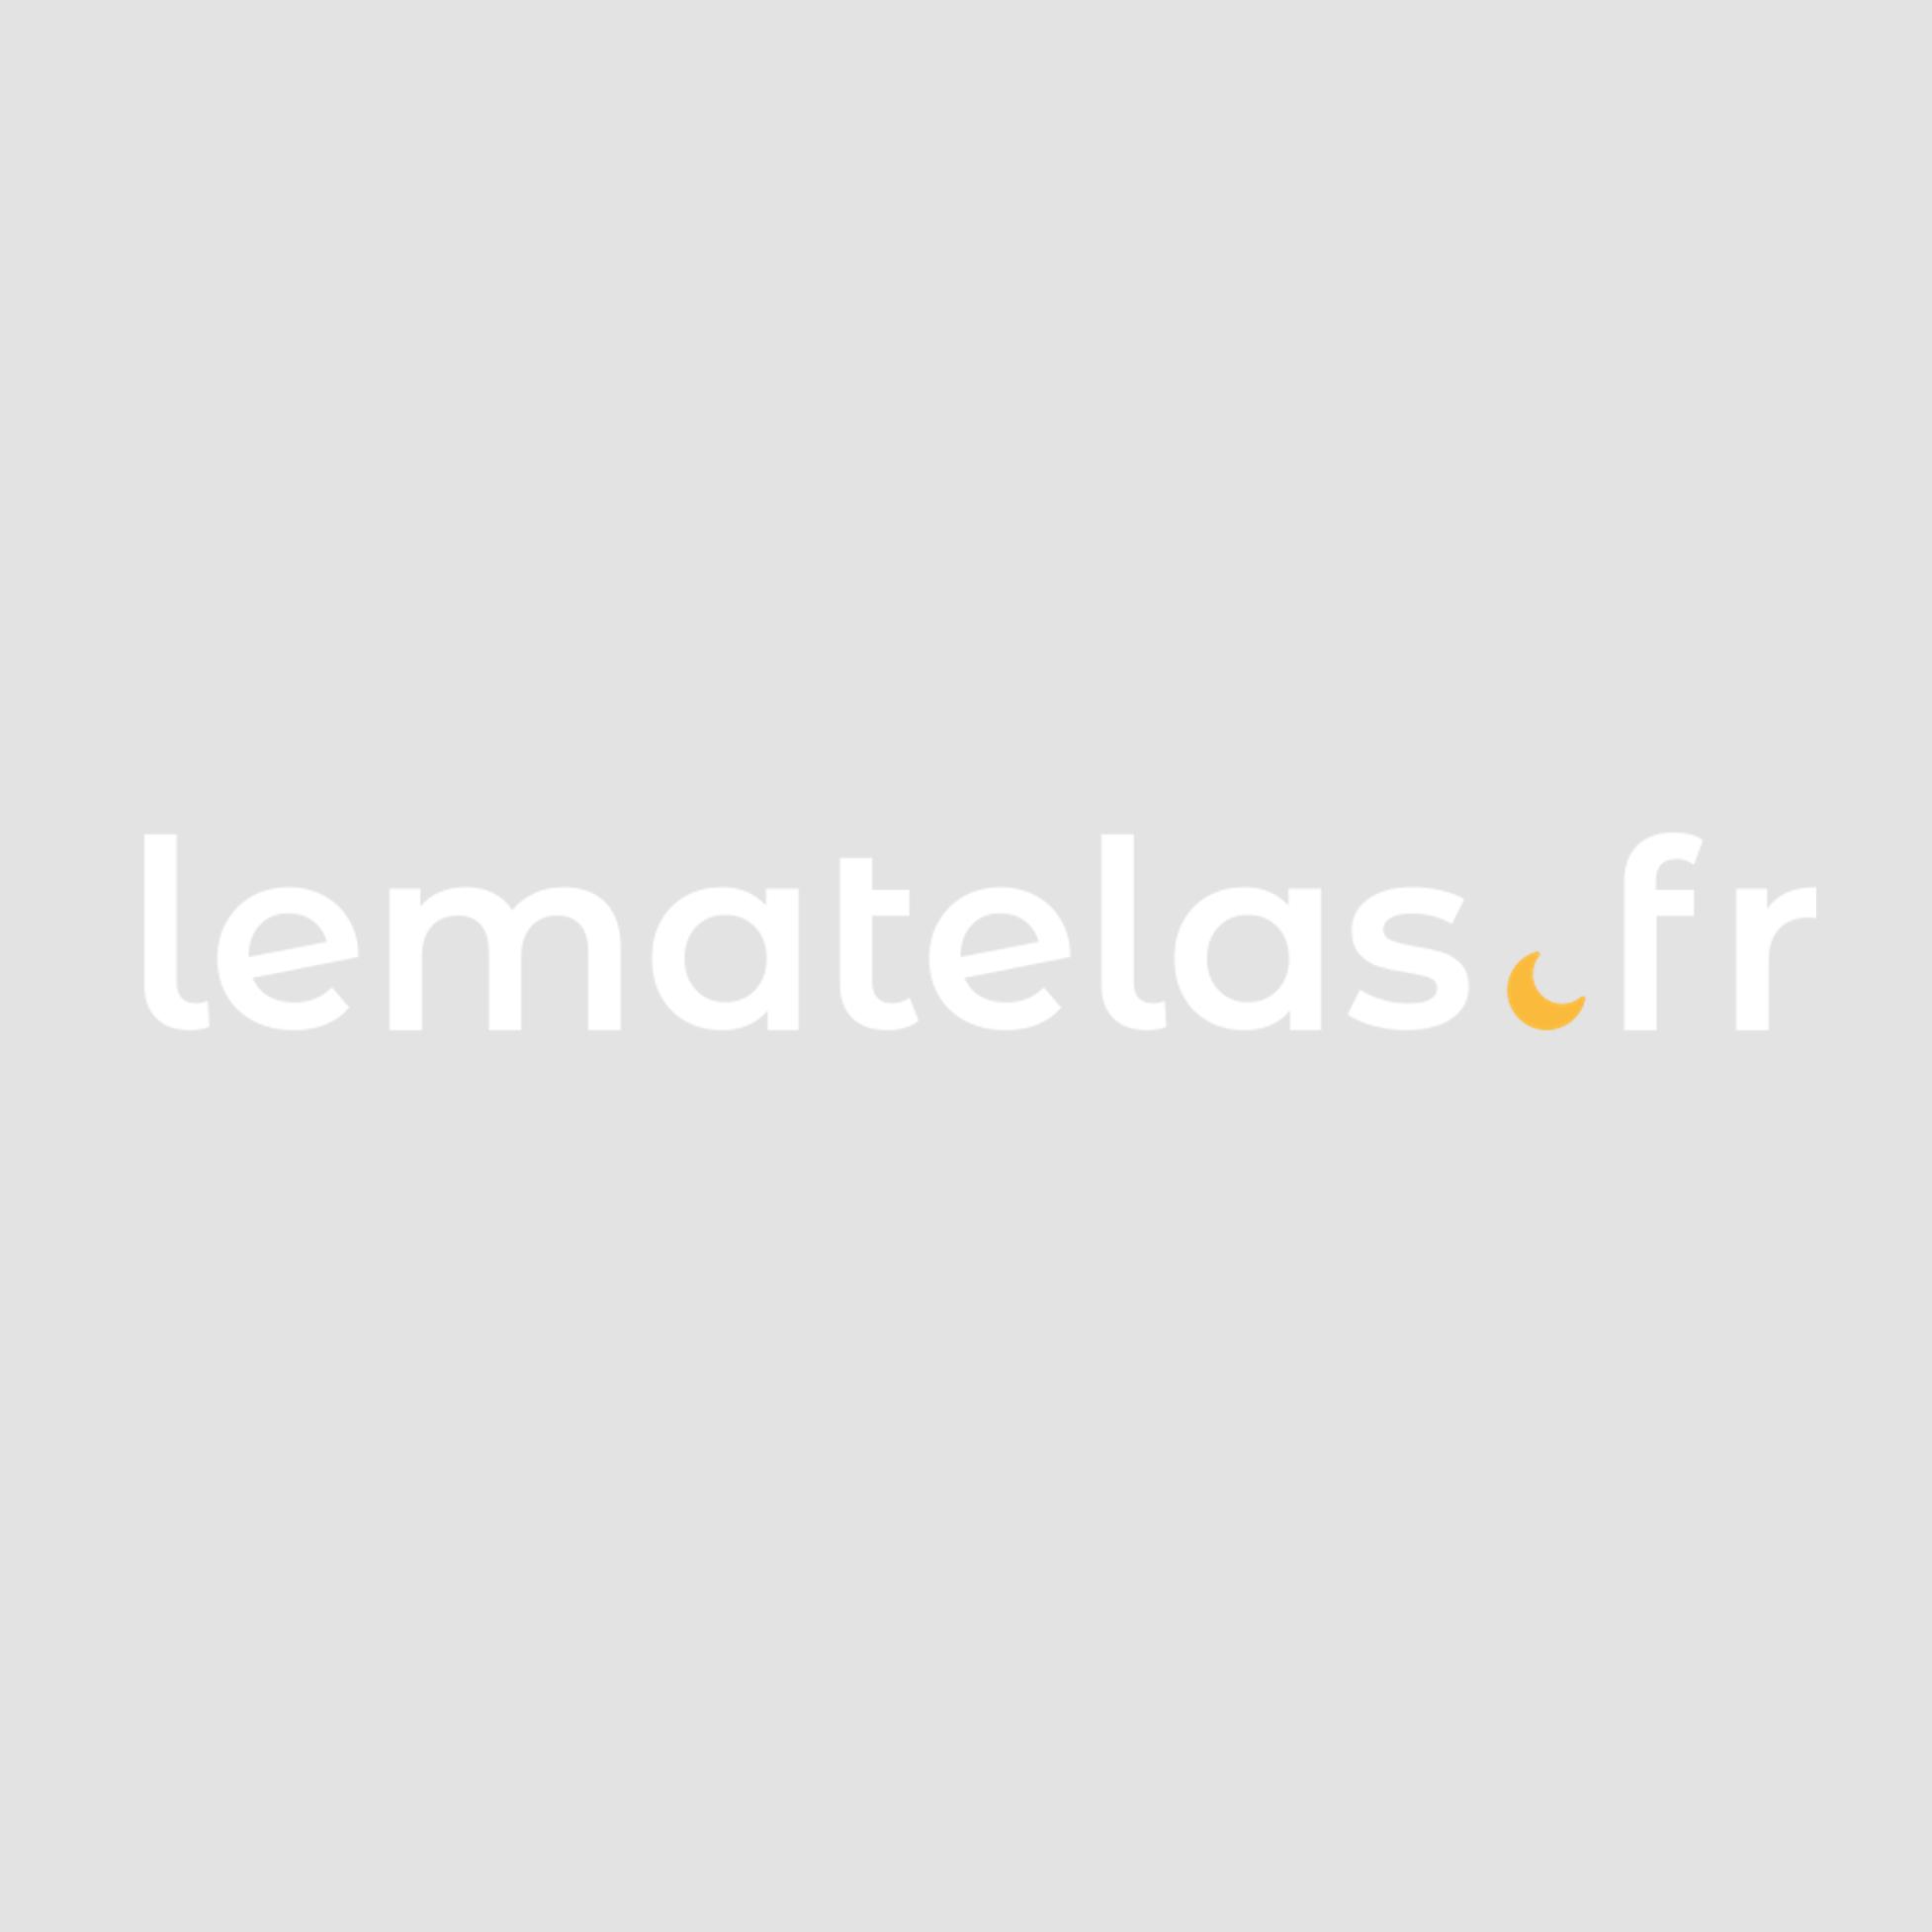 Drap housse blanc 100% lin bonnet 30 cm 120x200 cm - Hôtellerie